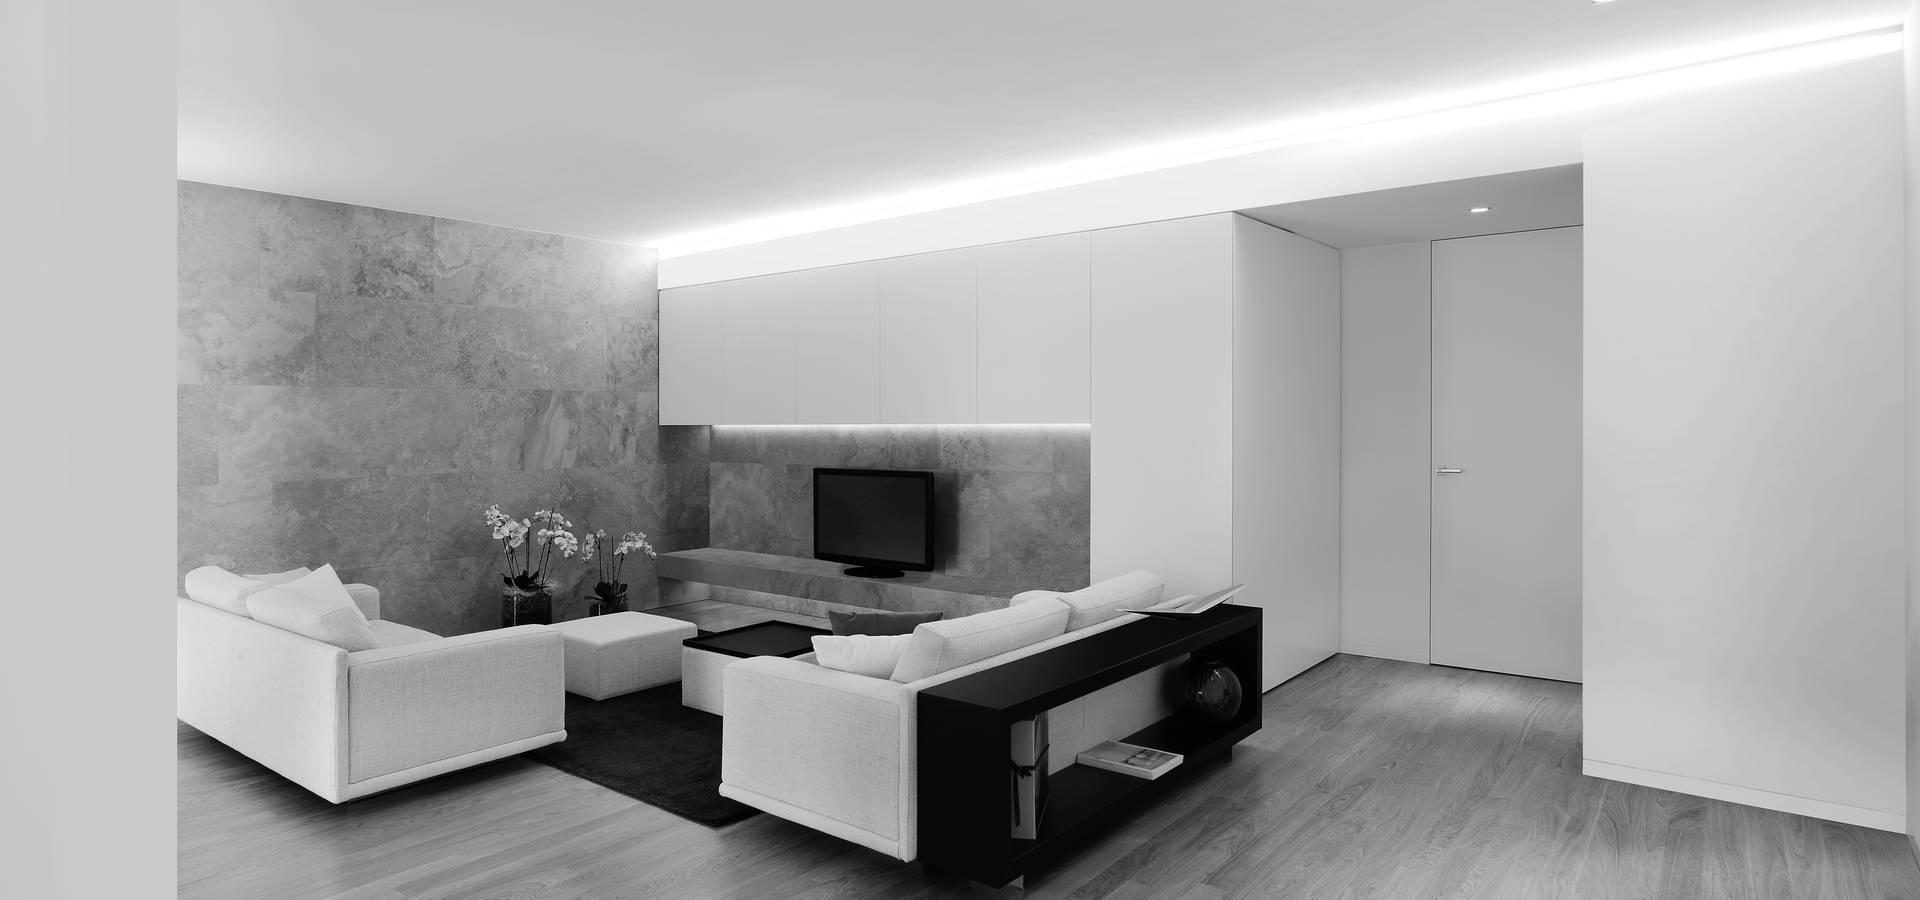 Alessandro corona piu architetto architetti a italia homify for Case ristrutturate da architetti foto